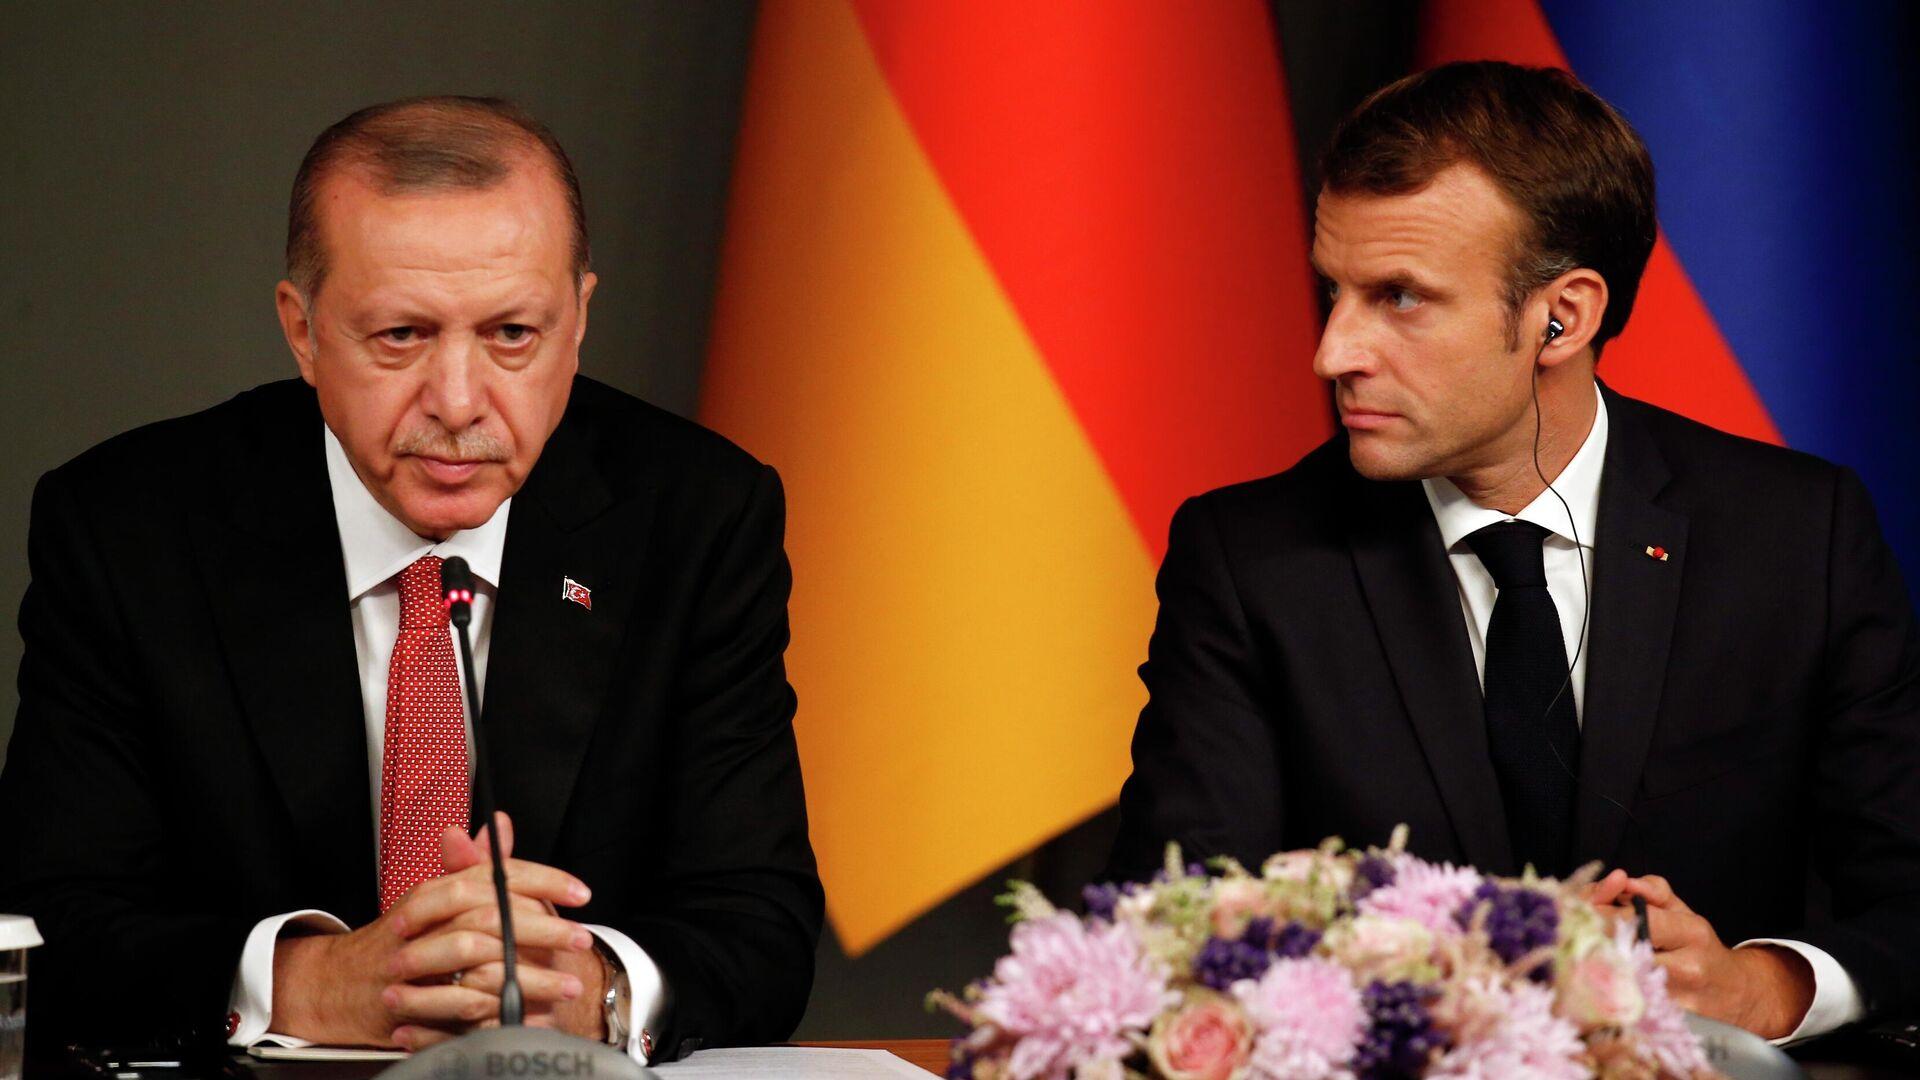 Президент Турции Реджеп Тайип Эрдоган и президент Франции Эммануэль Макрон - РИА Новости, 1920, 24.10.2020